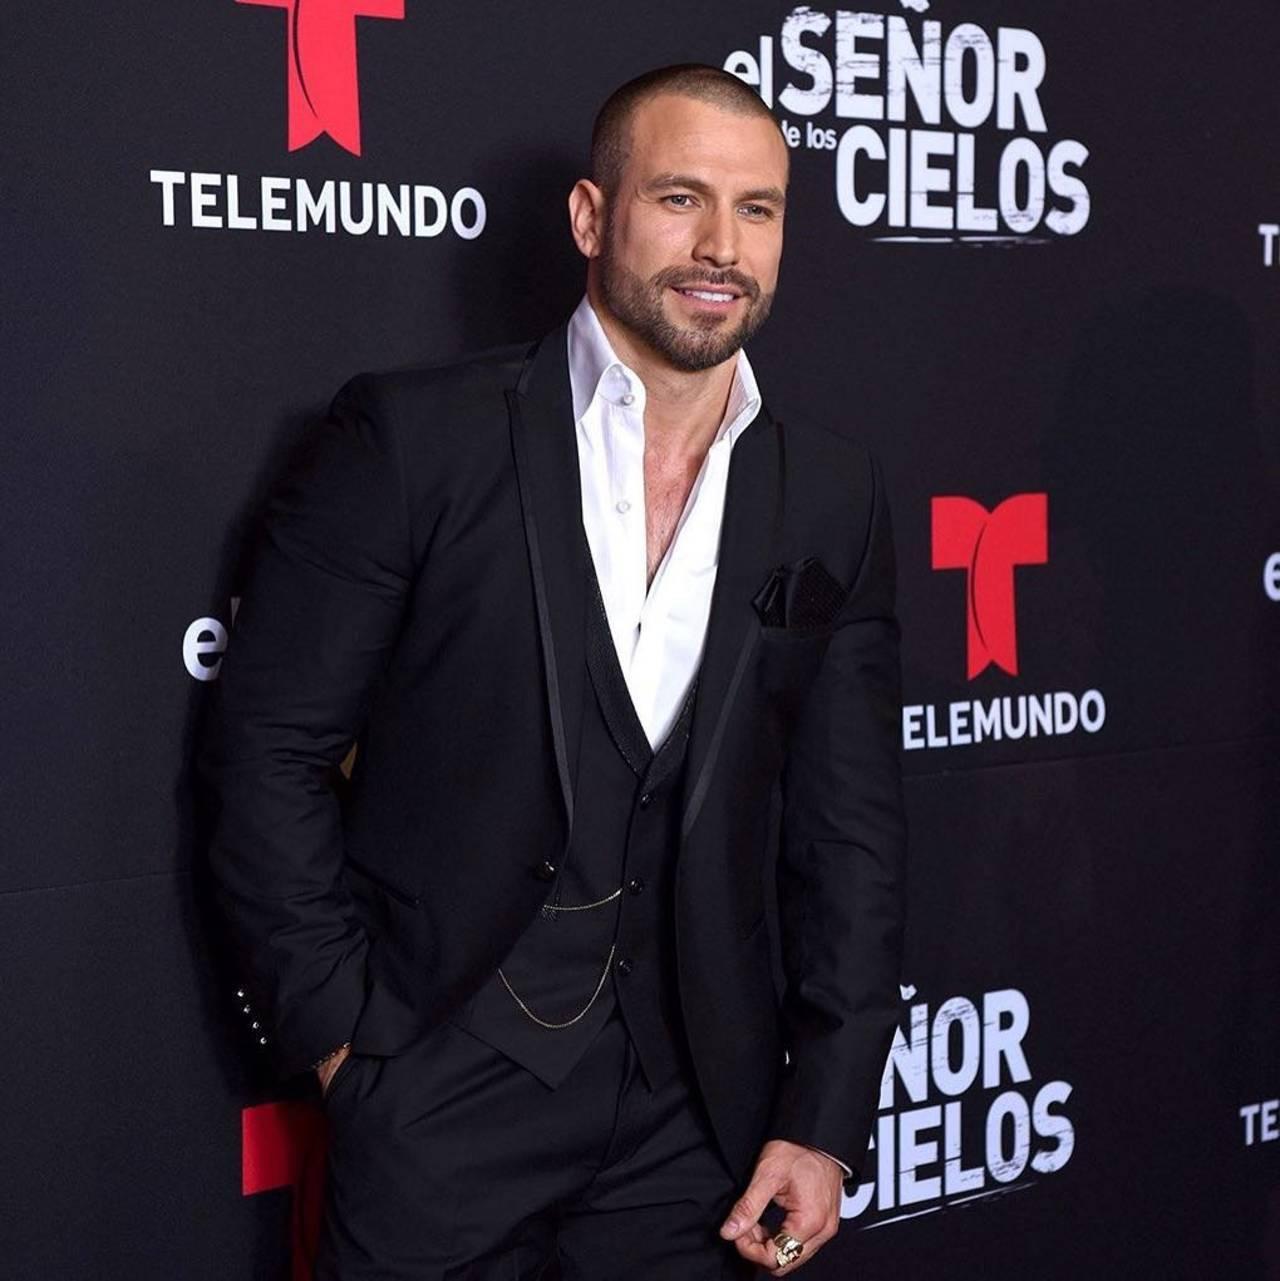 Rafael Amaya Actor pensó querían secuestrar video captado